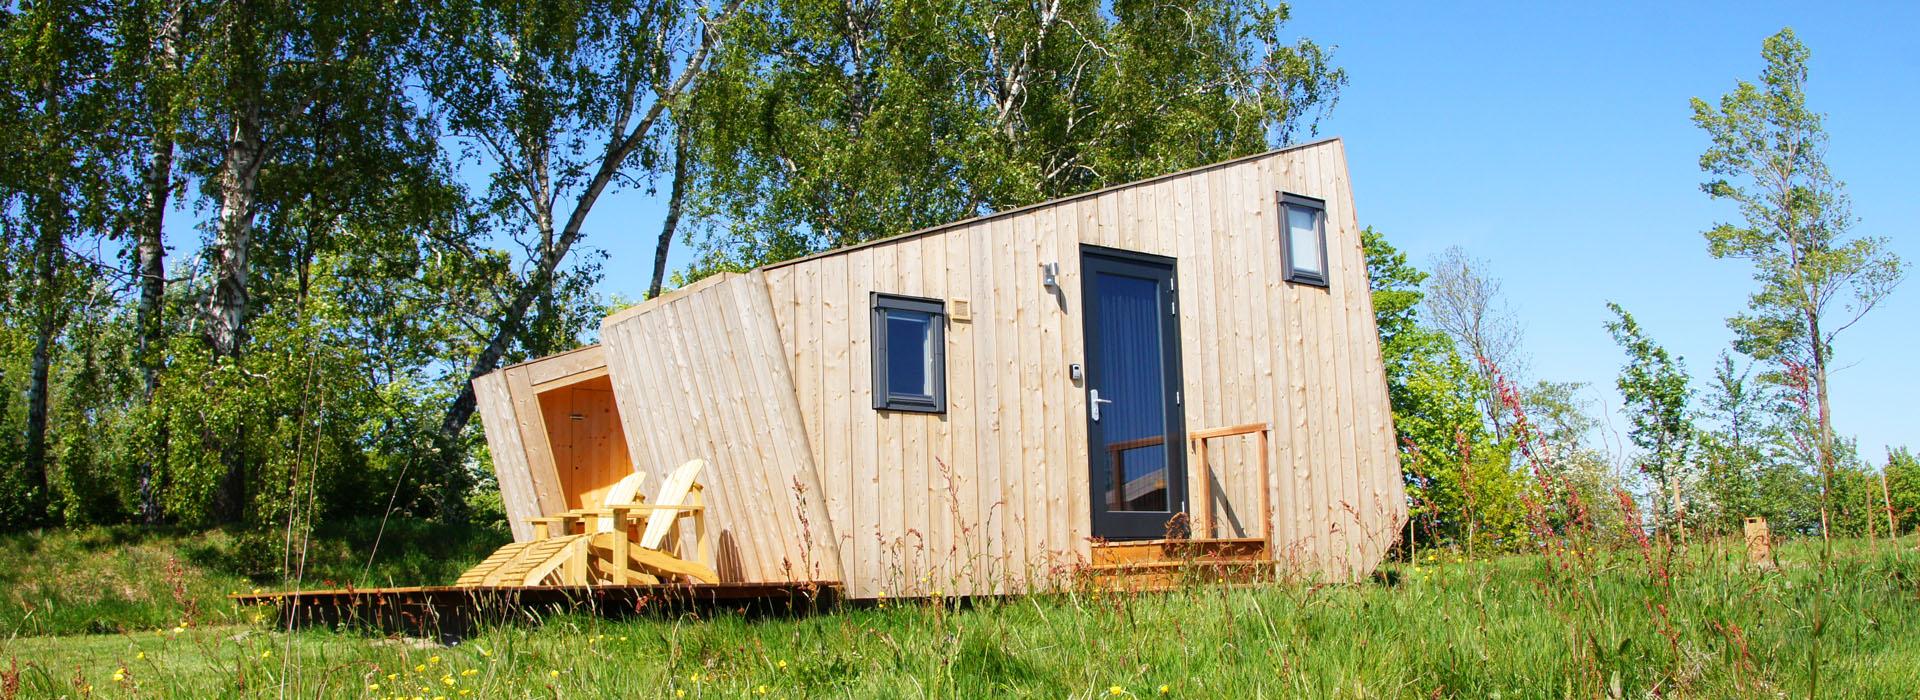 vakantiehuis-friesland - vakantiepark-Ljeppershiem-tiny house